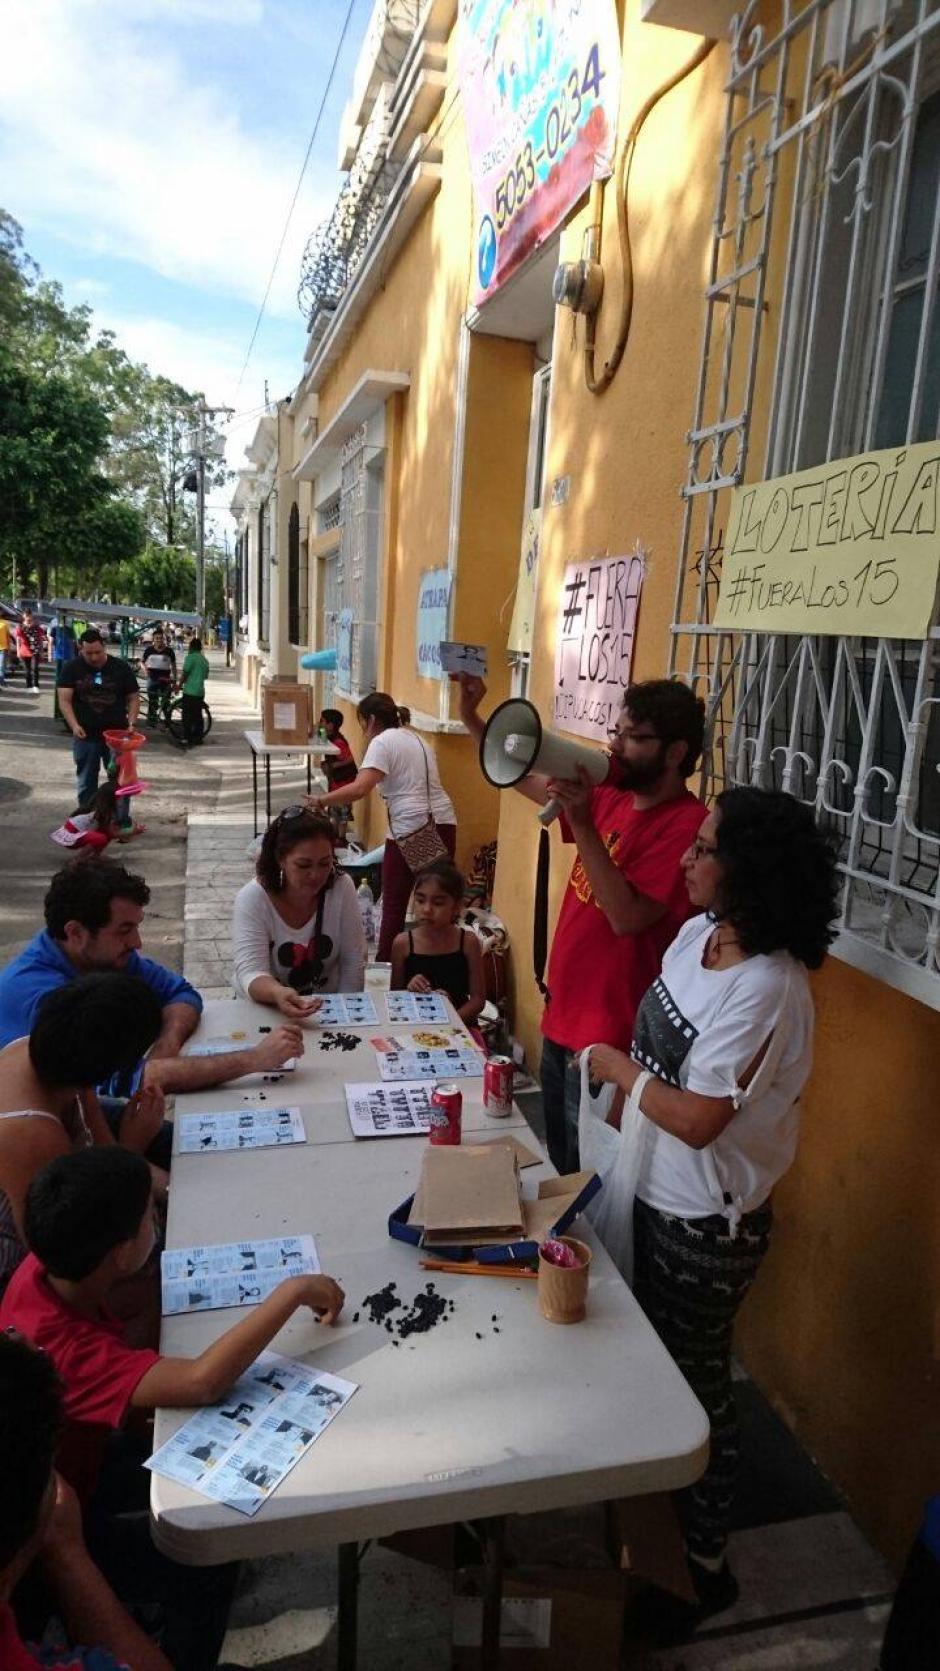 La actividad es parte de la campaña #FueraLos15, en contra de los 15 diputados que tienen algún trámite de proceso a antejuicio. (Foto: La Batucada del Pueblo)